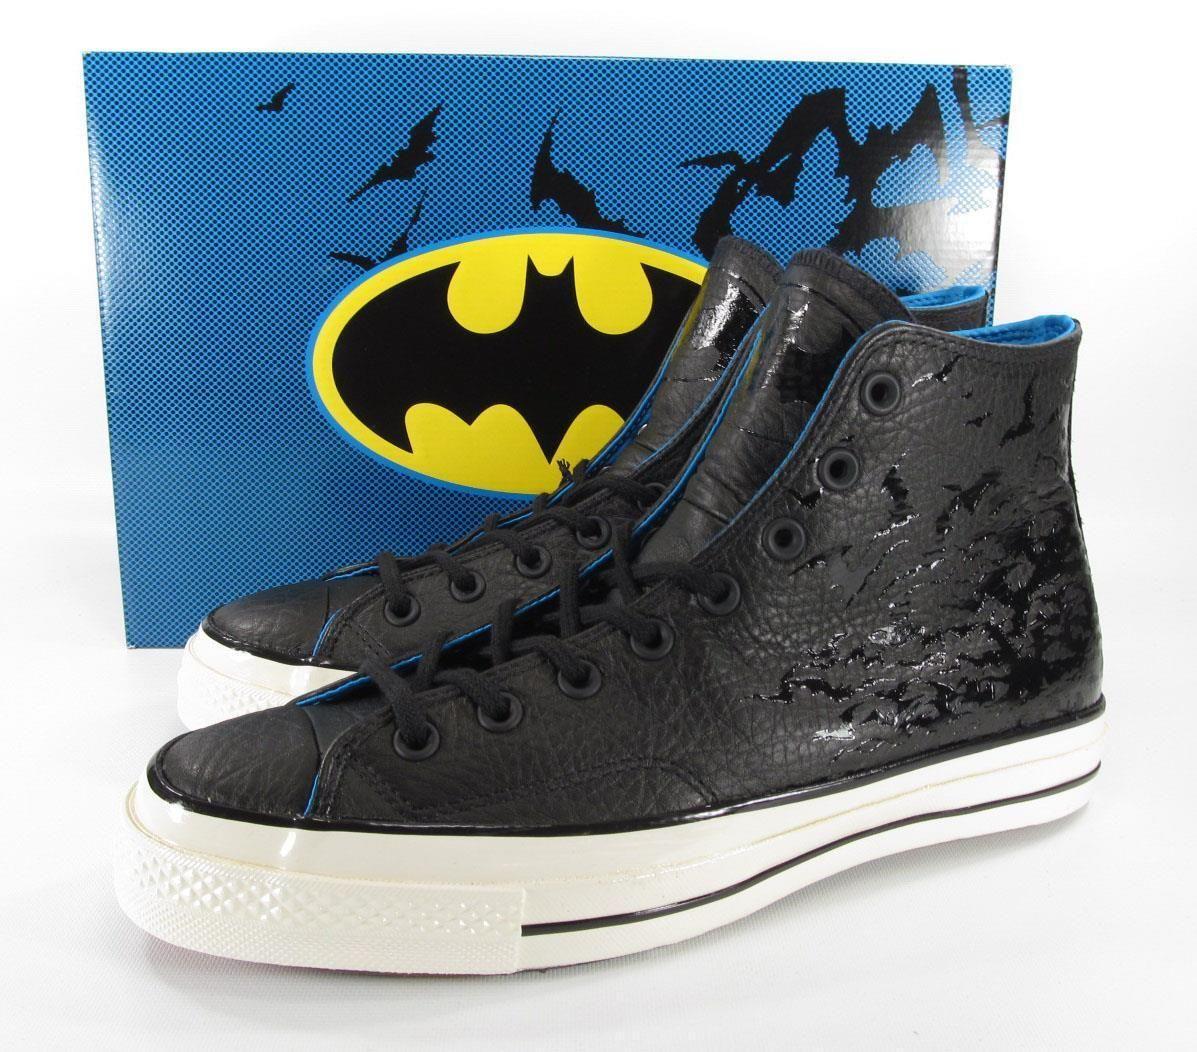 Converse DC Comics Batman 70's Hi Chuck